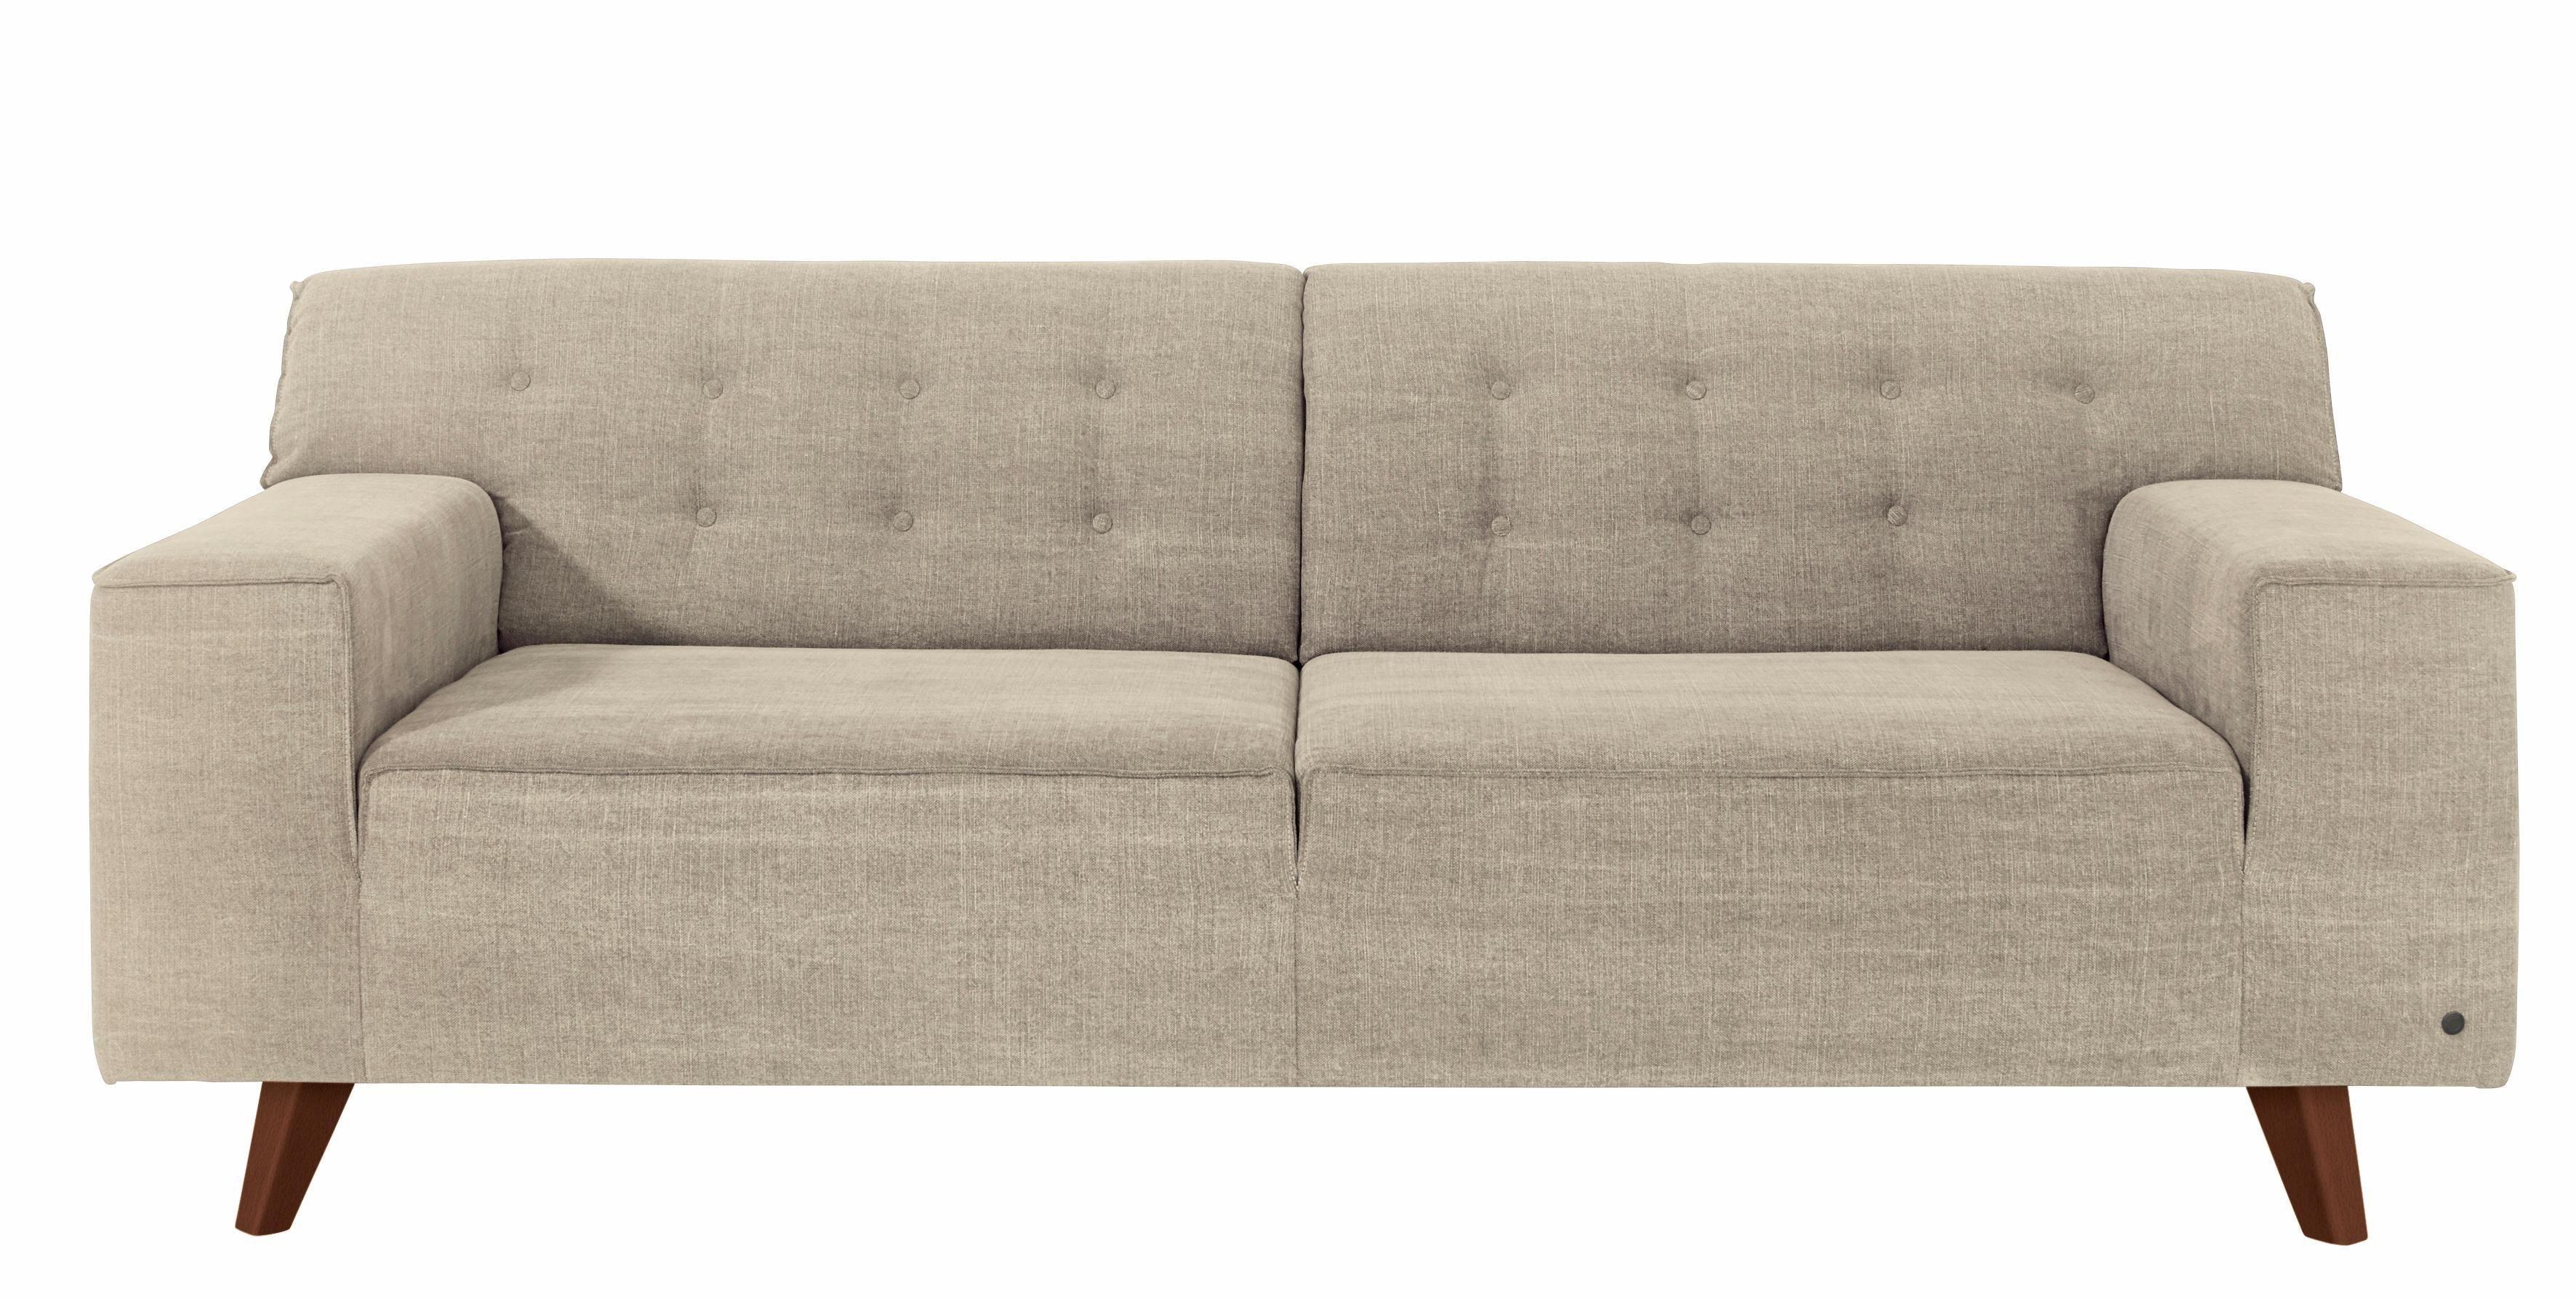 Tom Tailor 2 5 Sitzer Nordic Chic Im Retrolook Fusse Nussbaumfarben Kaufen Toms Design 2 Sitzer Sofa